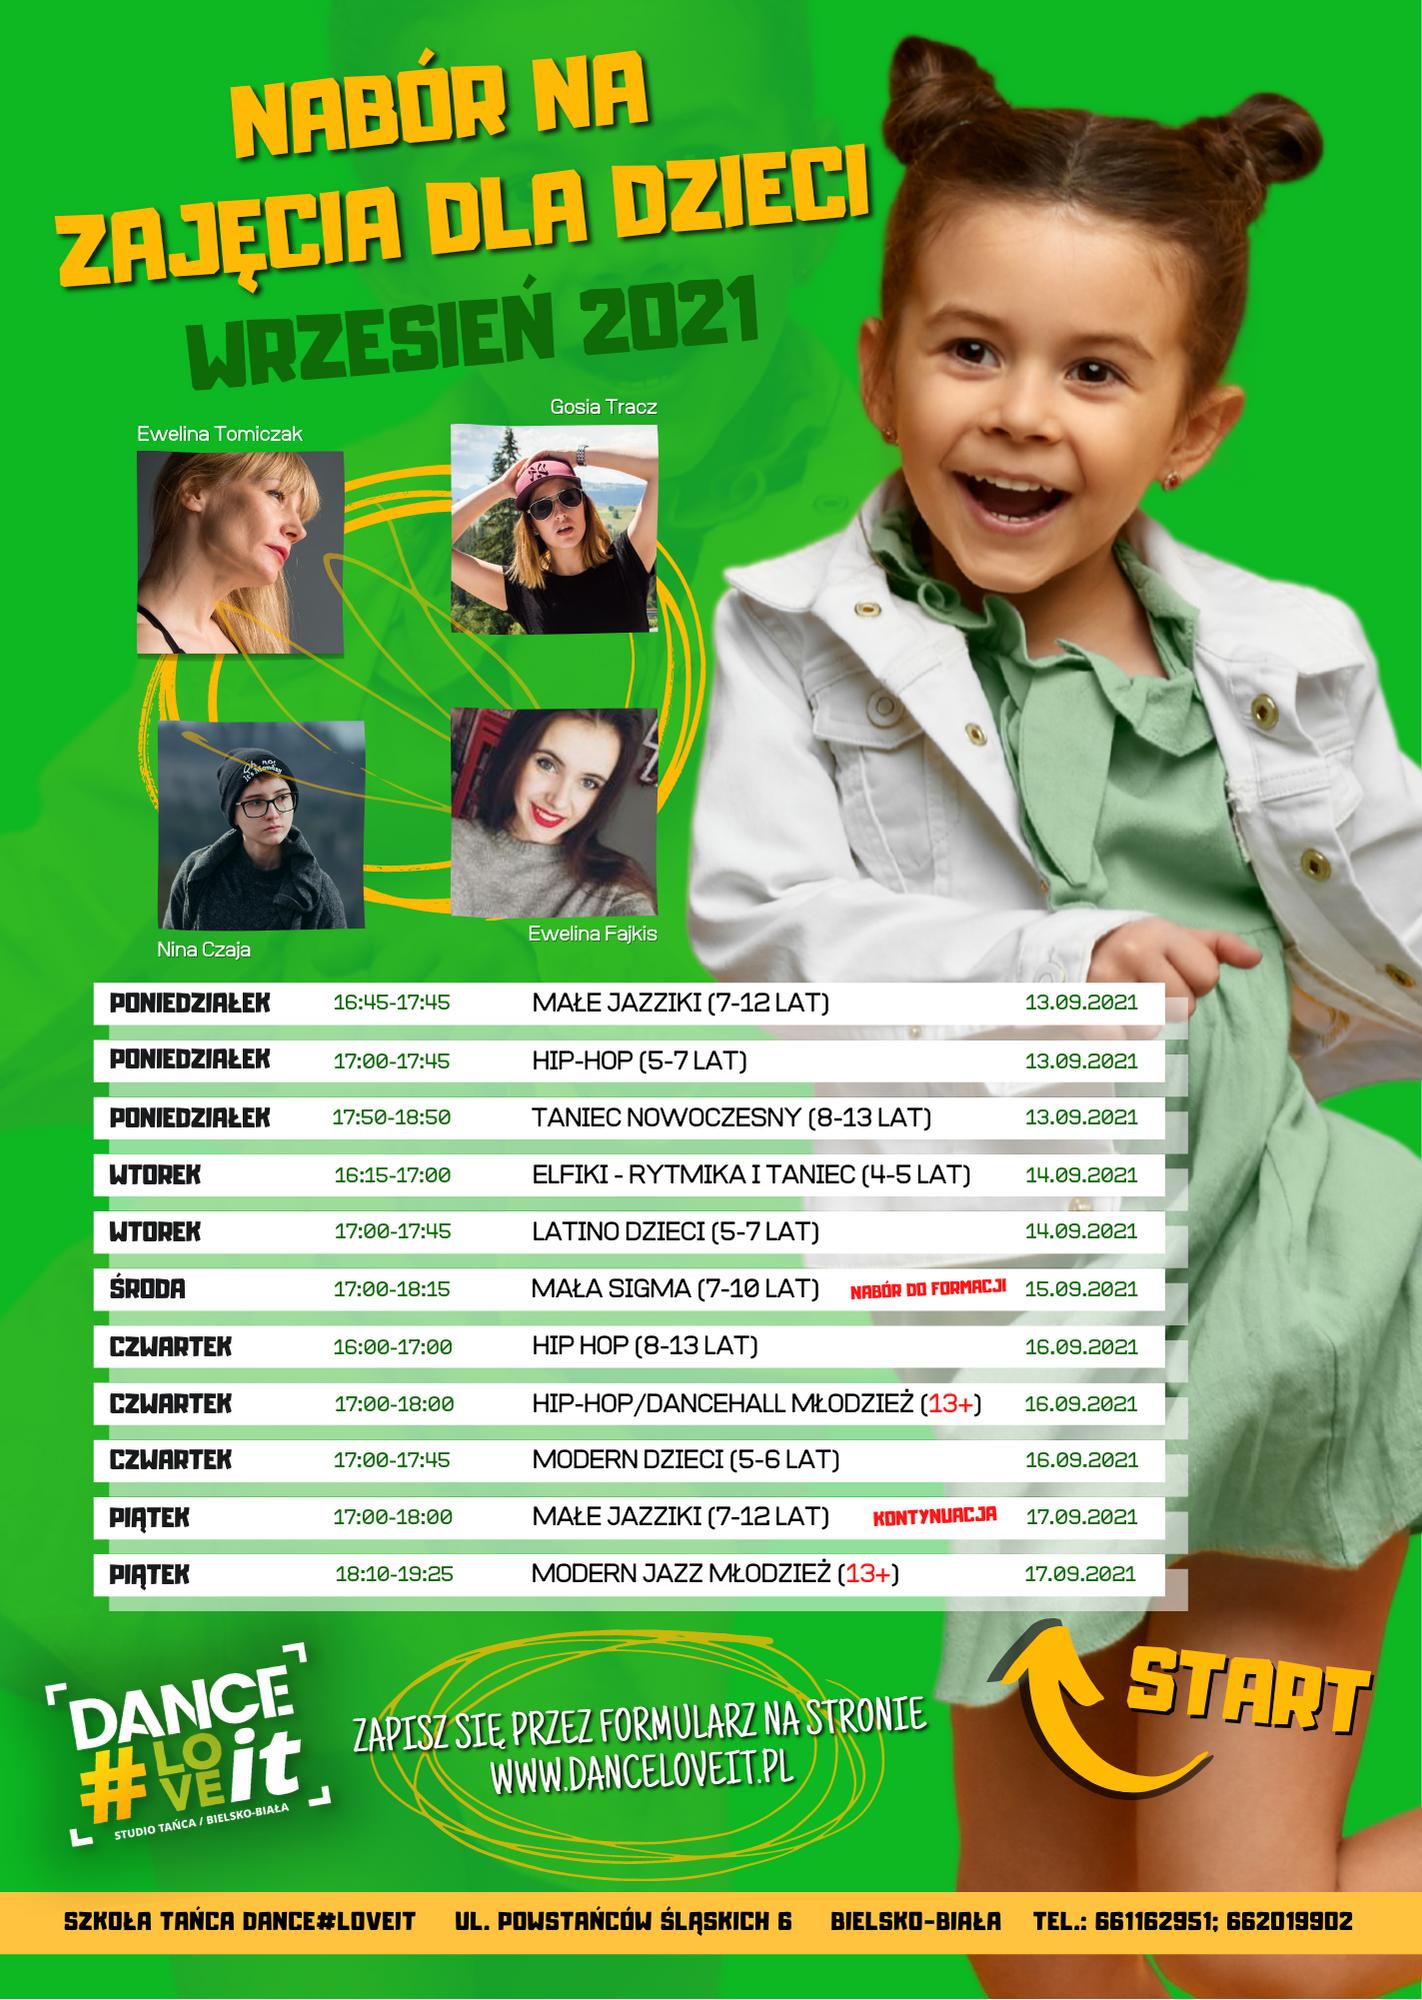 nowy-sezon-zajecia-taneczne-dladzieci-nowy-sezon-2021-rokszkolny-danceloveit-szkola-tanca-bielsko-biala